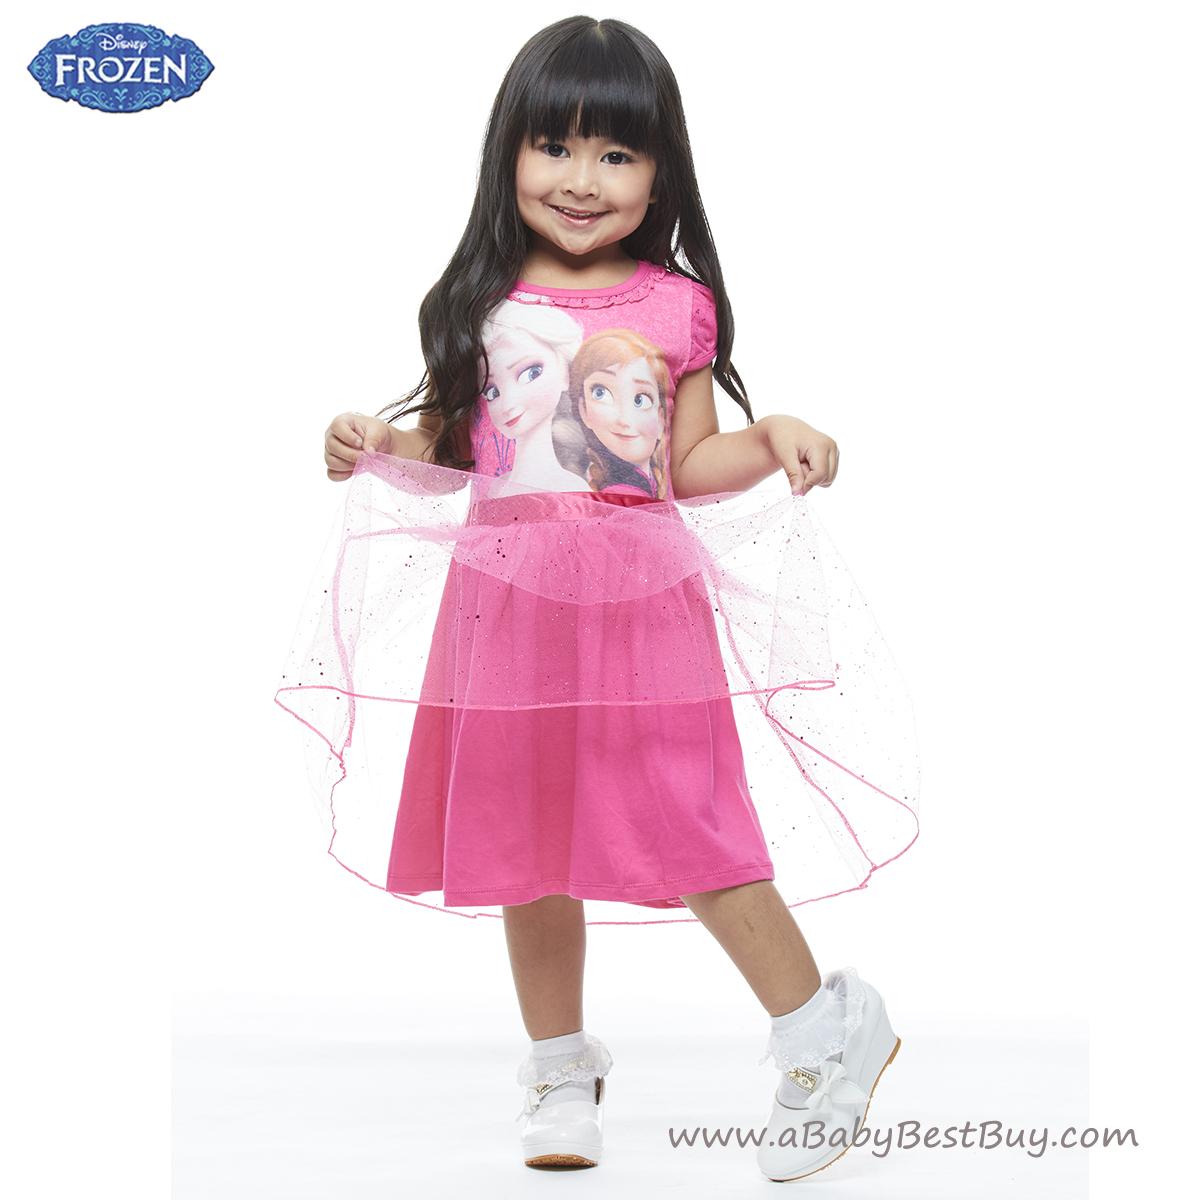 ( 4-6-8-10 ปี ) ชุดเดรส เจ้าหญิงโฟรเซ่น กระโปรงสั้น แขนสั้น สีชมพูเข้ม ดิสนีย์แท้ ลิขสิทธิ์แท้ (สำหรับเด็ก4-6-8-10 ปี)